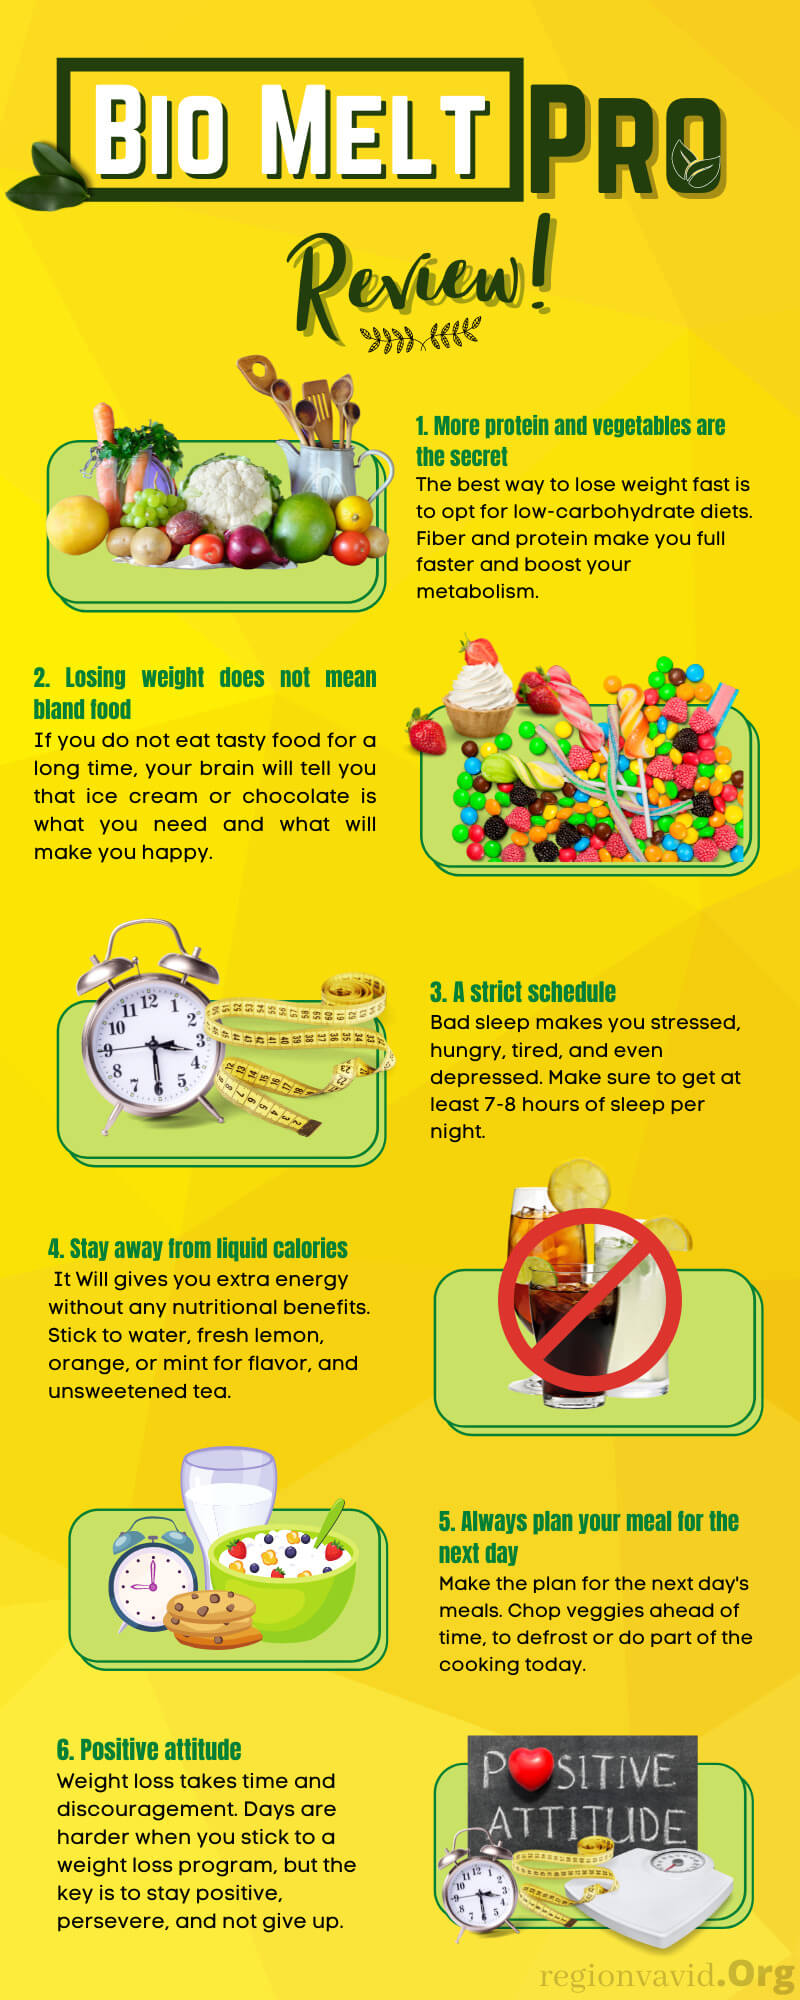 Bio Melt Pro Plan of losing weight